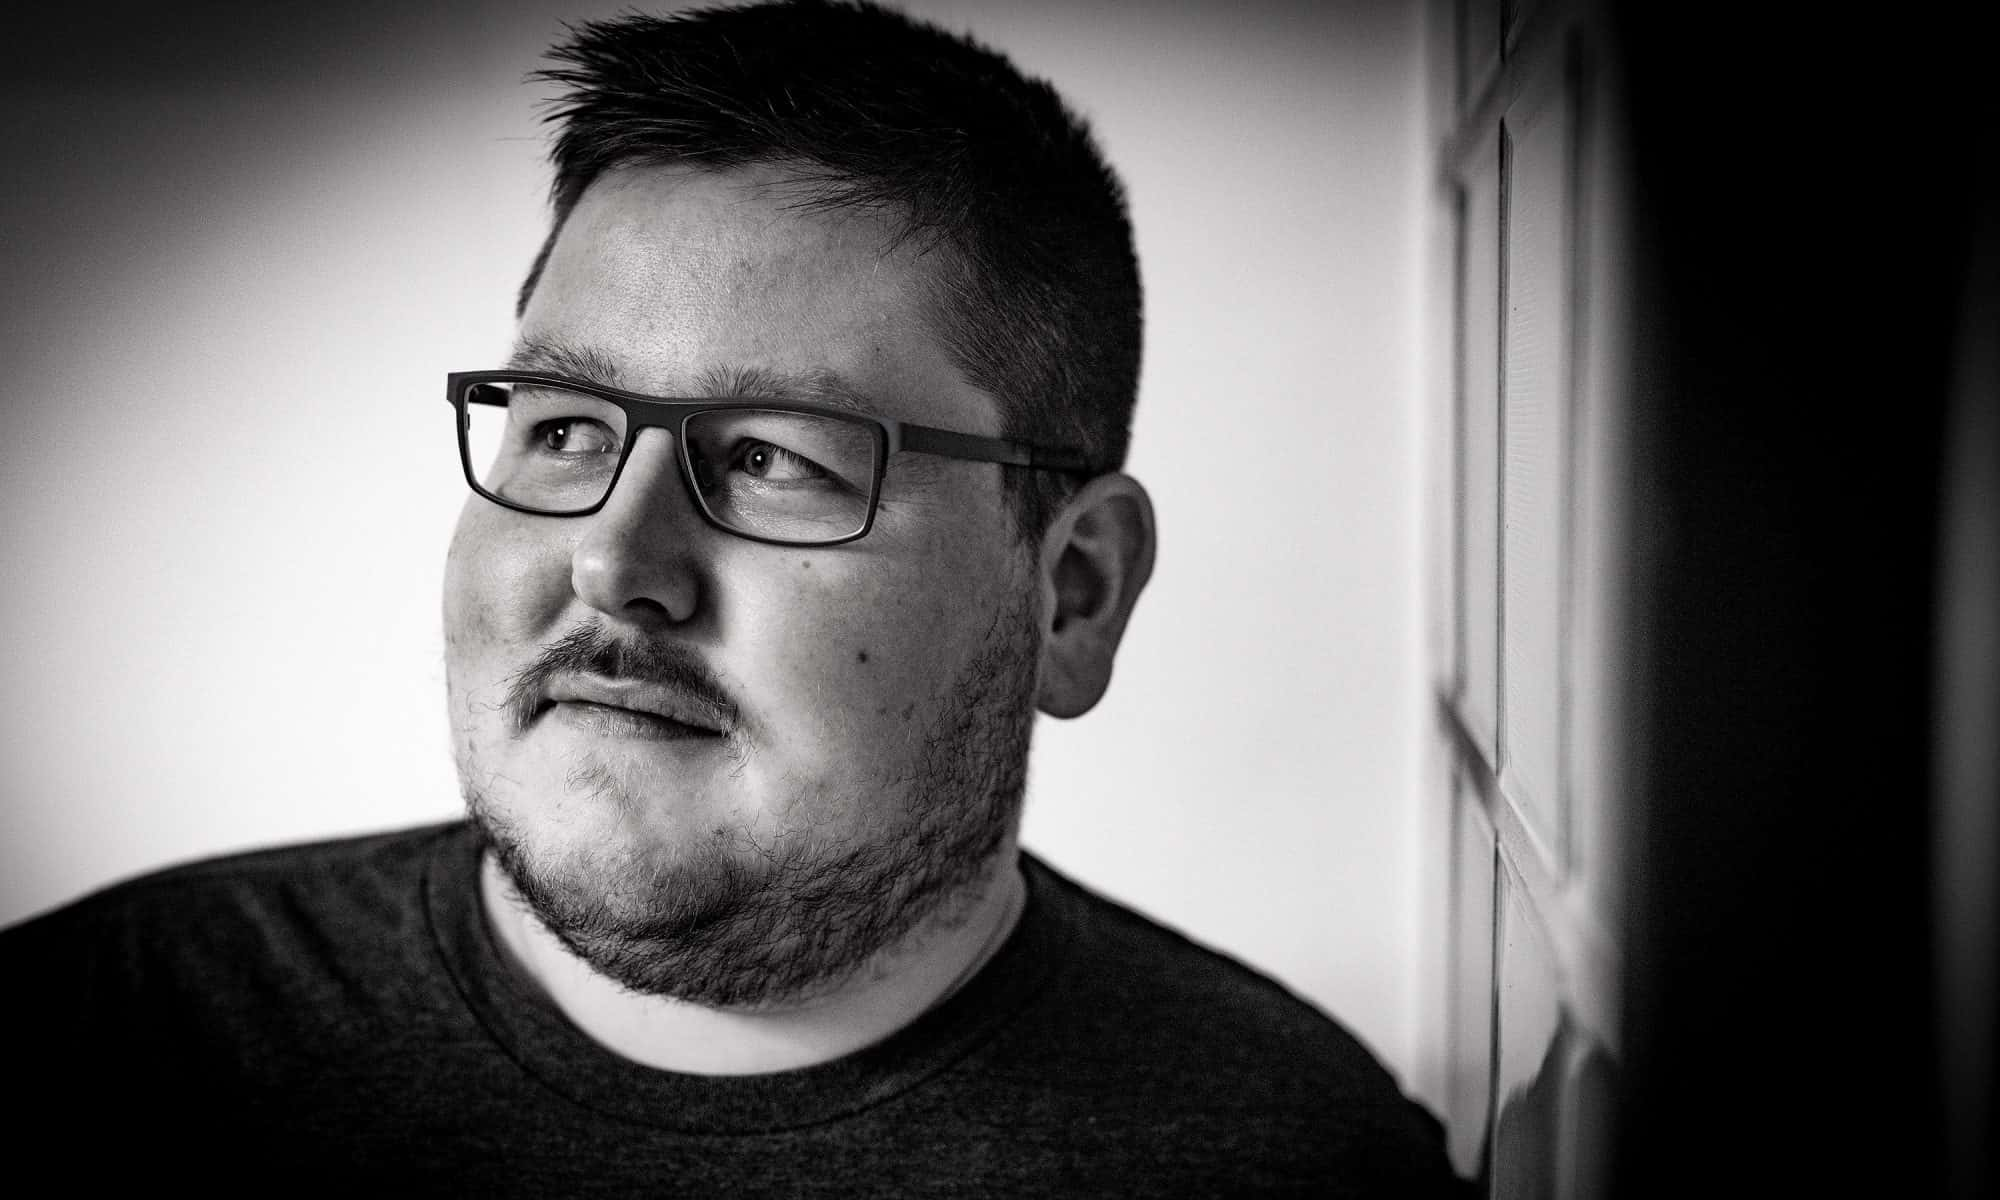 Matthias Kurz